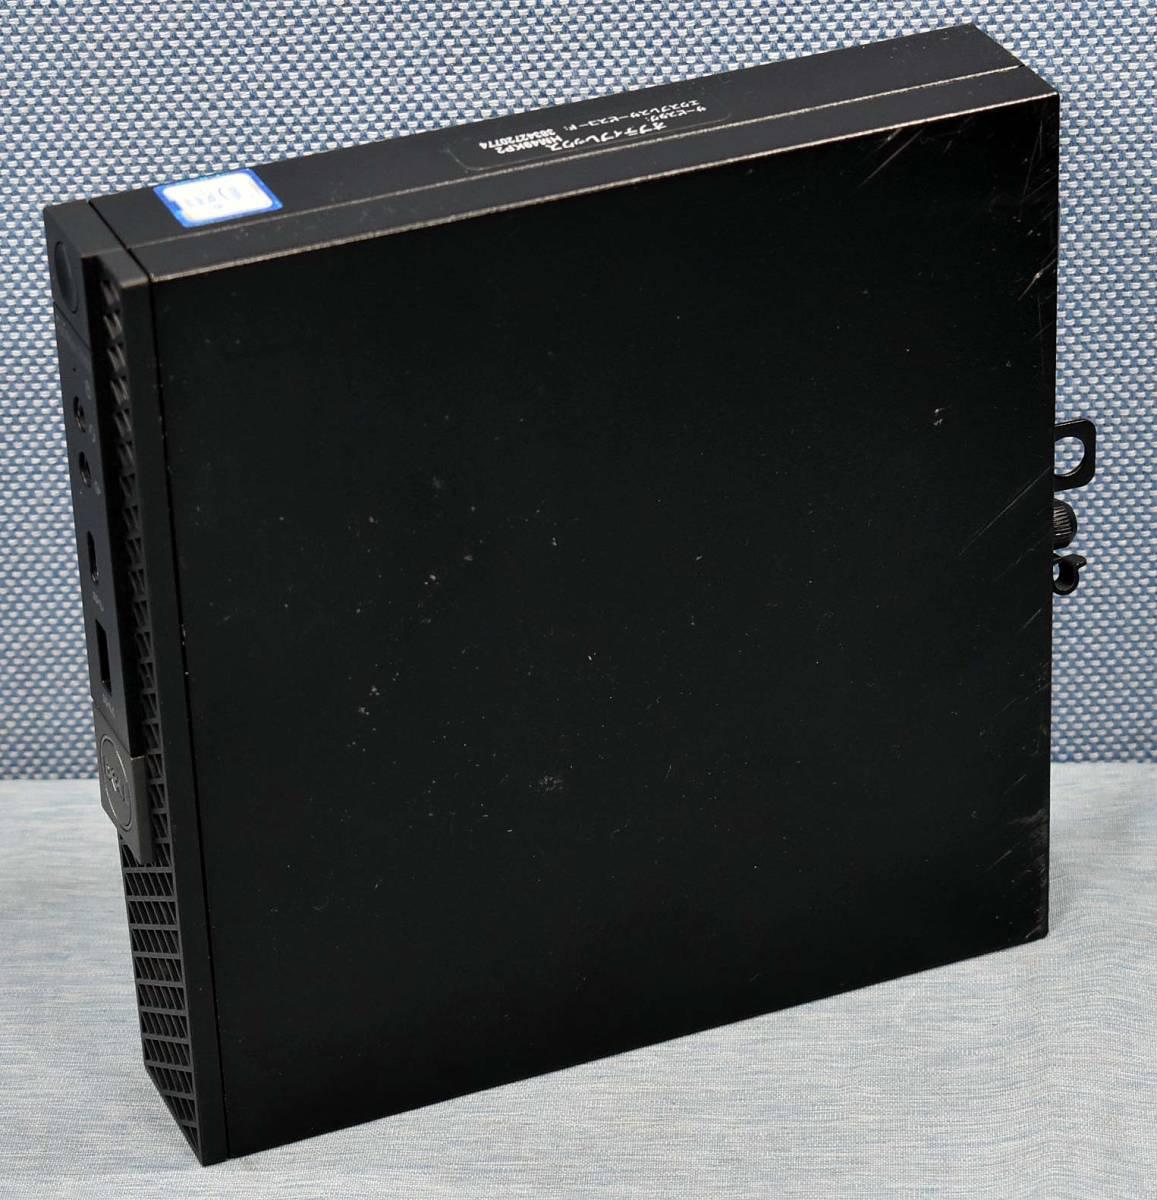 DELL OPTIPLEX 7050 Micro [Core i5-6500T] [SSD 128GB搭載] メモリー:8GB Win10/Pro 64bit chou マイクロサイズ型 パソコン (管:DD47